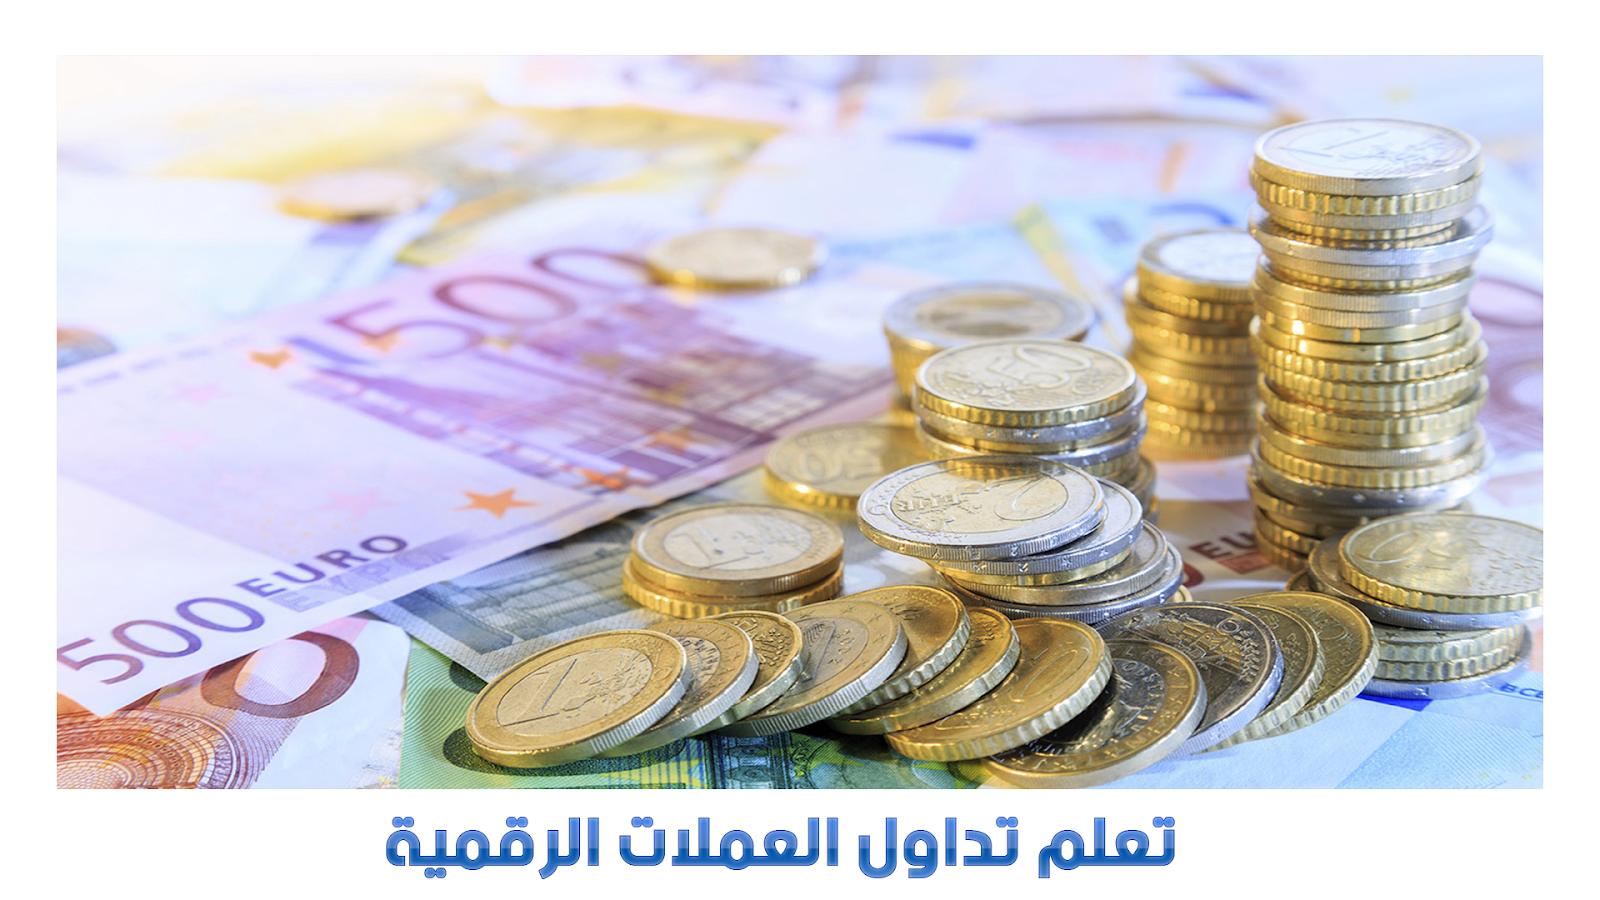 تعلم تداول العملات الرقمية